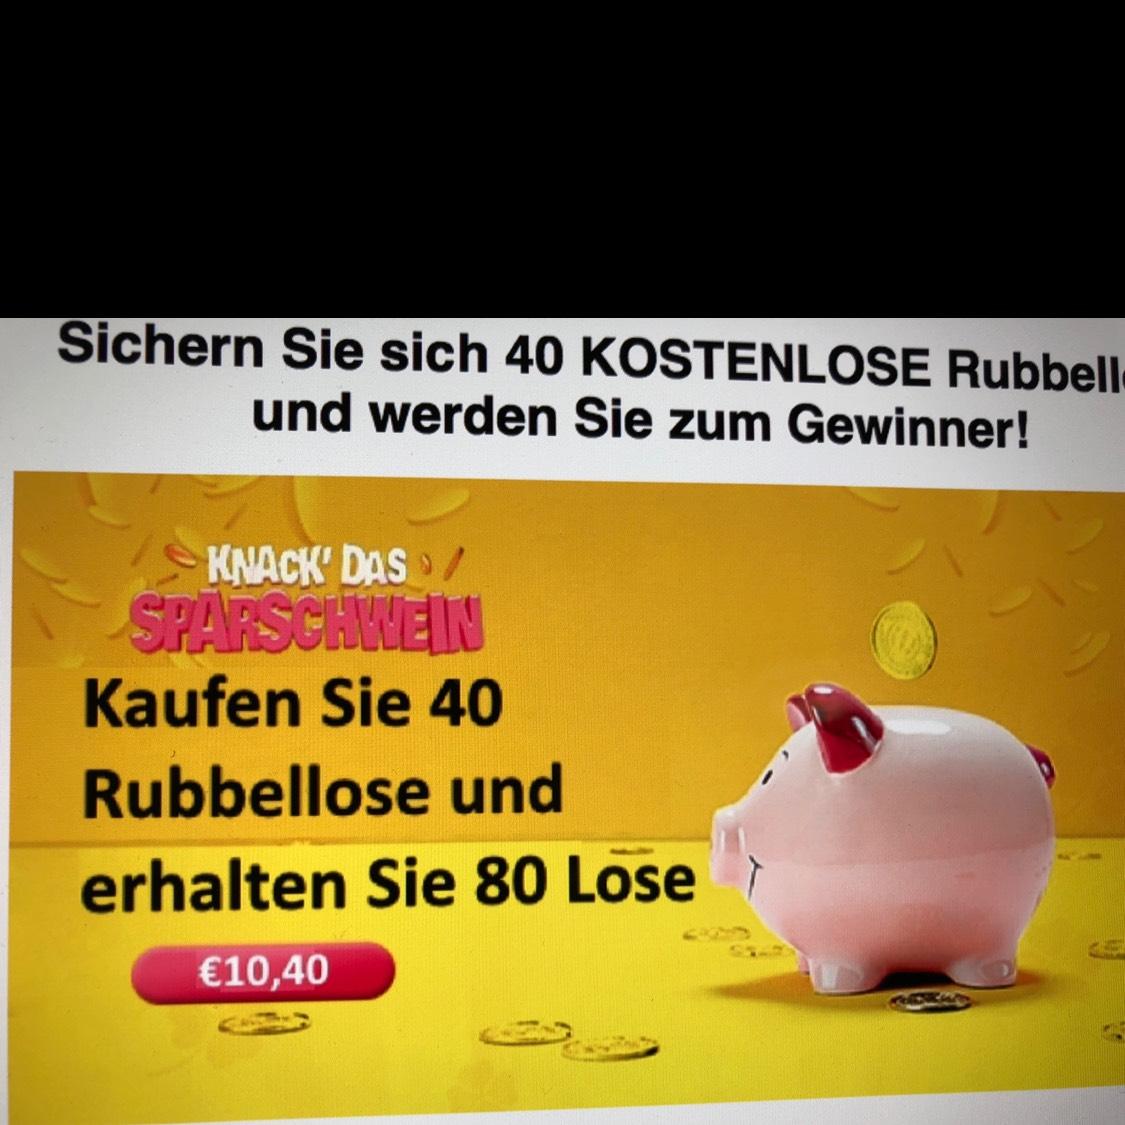 Lottopalace Knack das Sparschwein